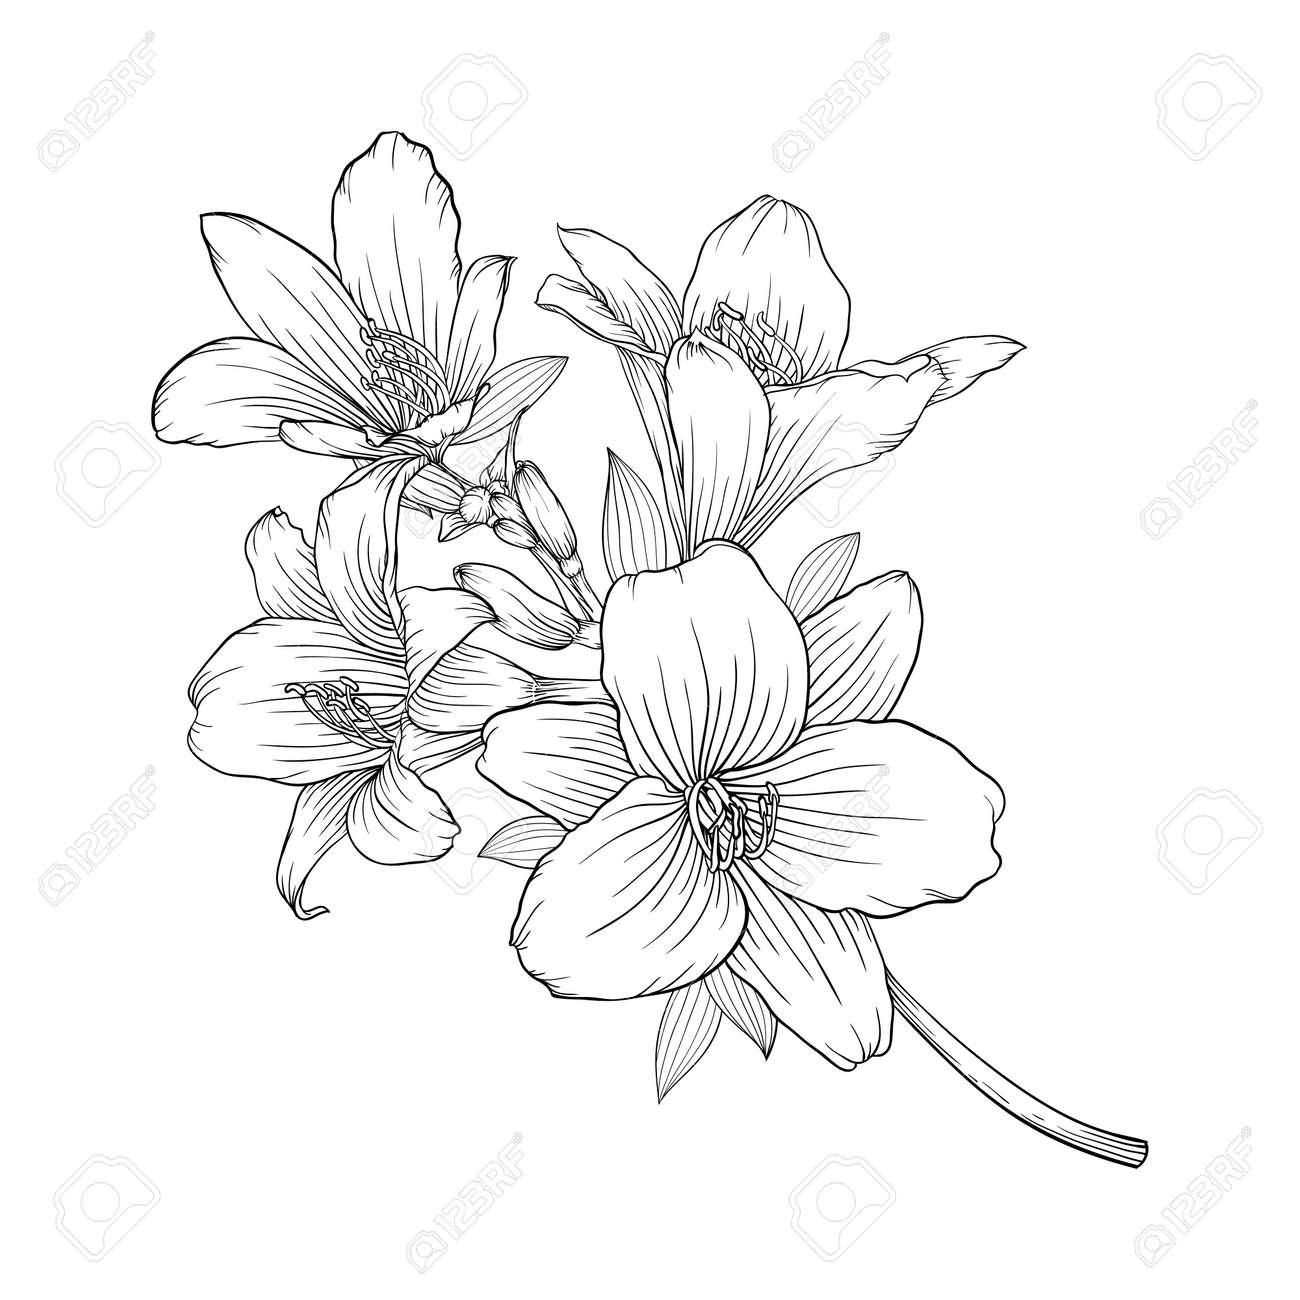 Dessin Fleur Simple Noir Et Blanc